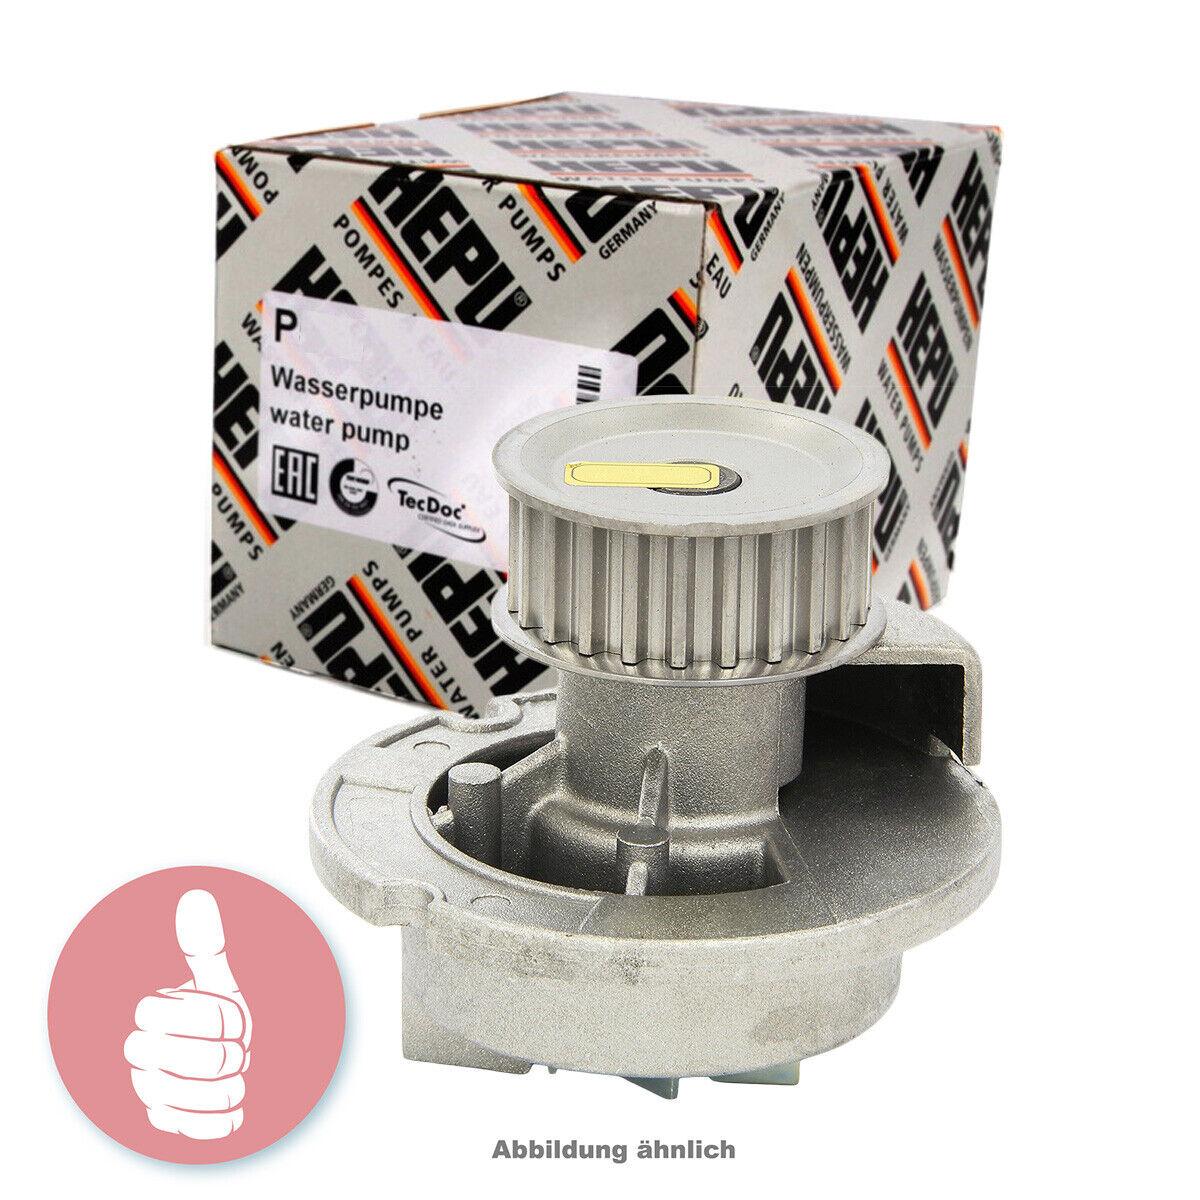 Wasserpumpe für Kühlung INA 538 0219 10